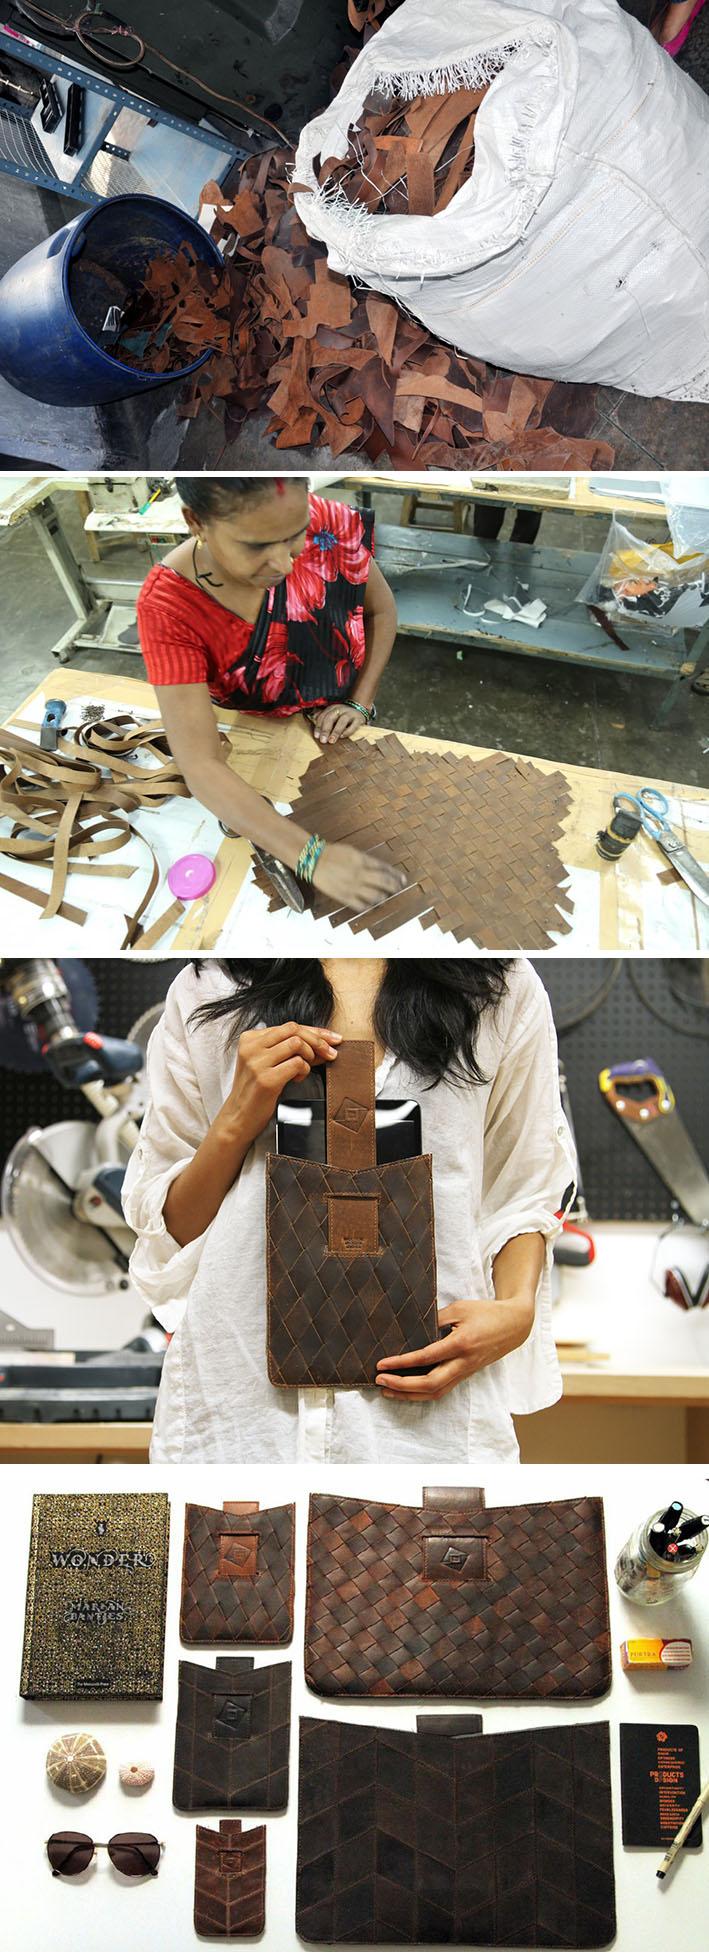 TRMTAB cria belas capas de couro upcycling para dispositivos eletrônicos stylo urbano